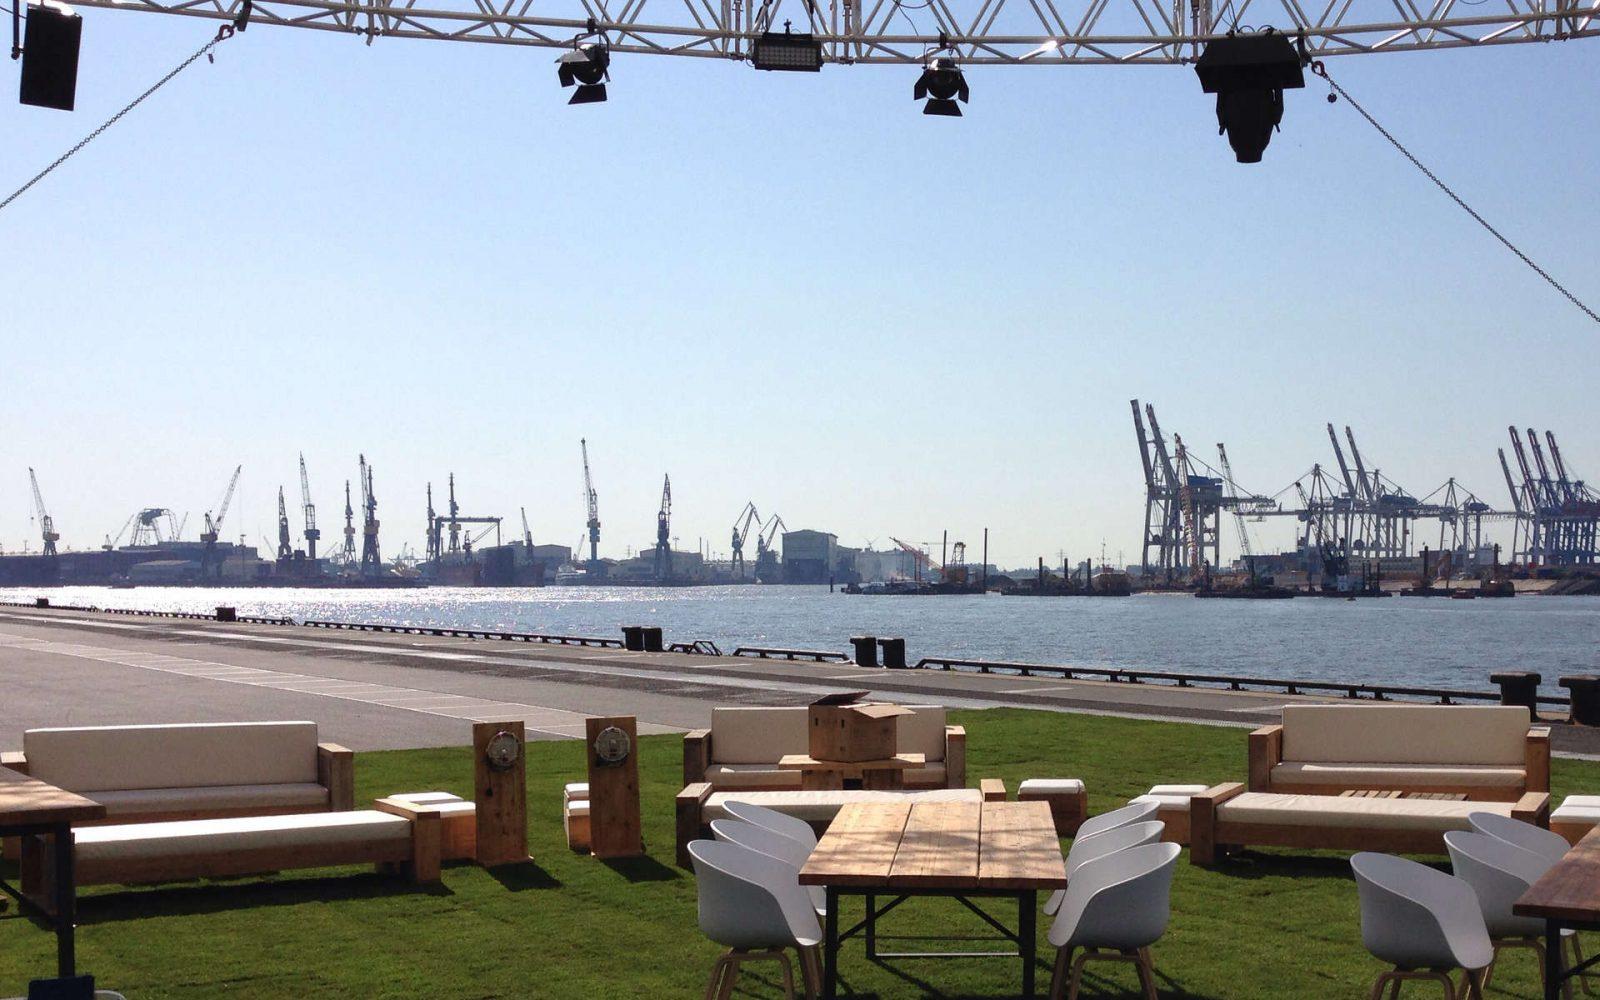 Eventservice - Unterstützung bei Veranstaltungen in Lüneburg / Hamburg